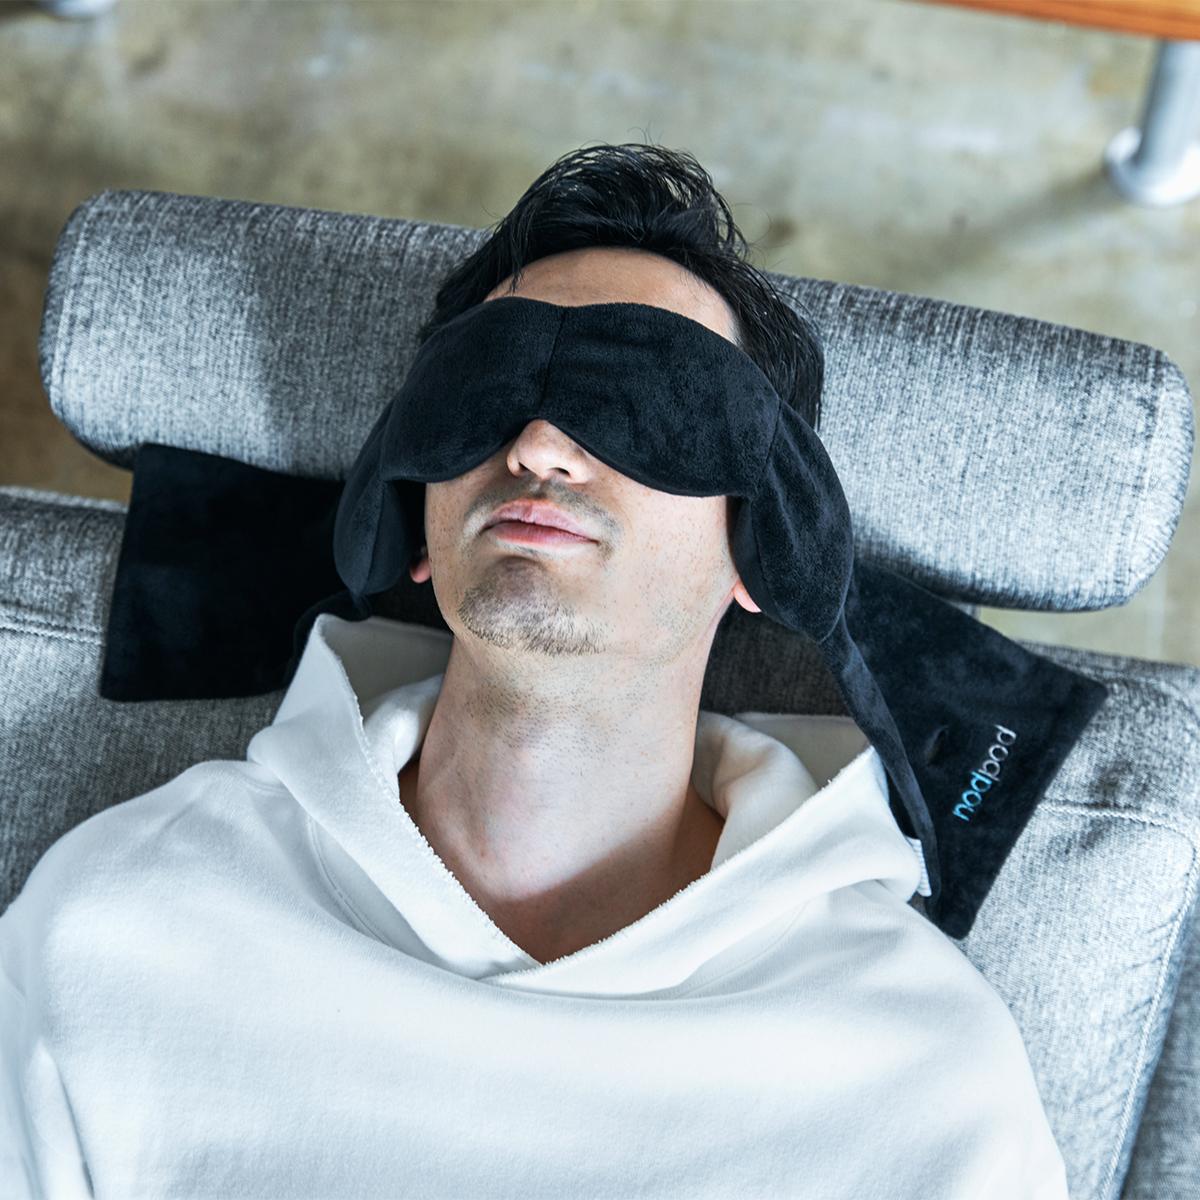 """ハグされた時の安心感を「スリープマスク」で   目の上に乗せるだけ、穏やかな""""重み""""で夢の世界へ"""